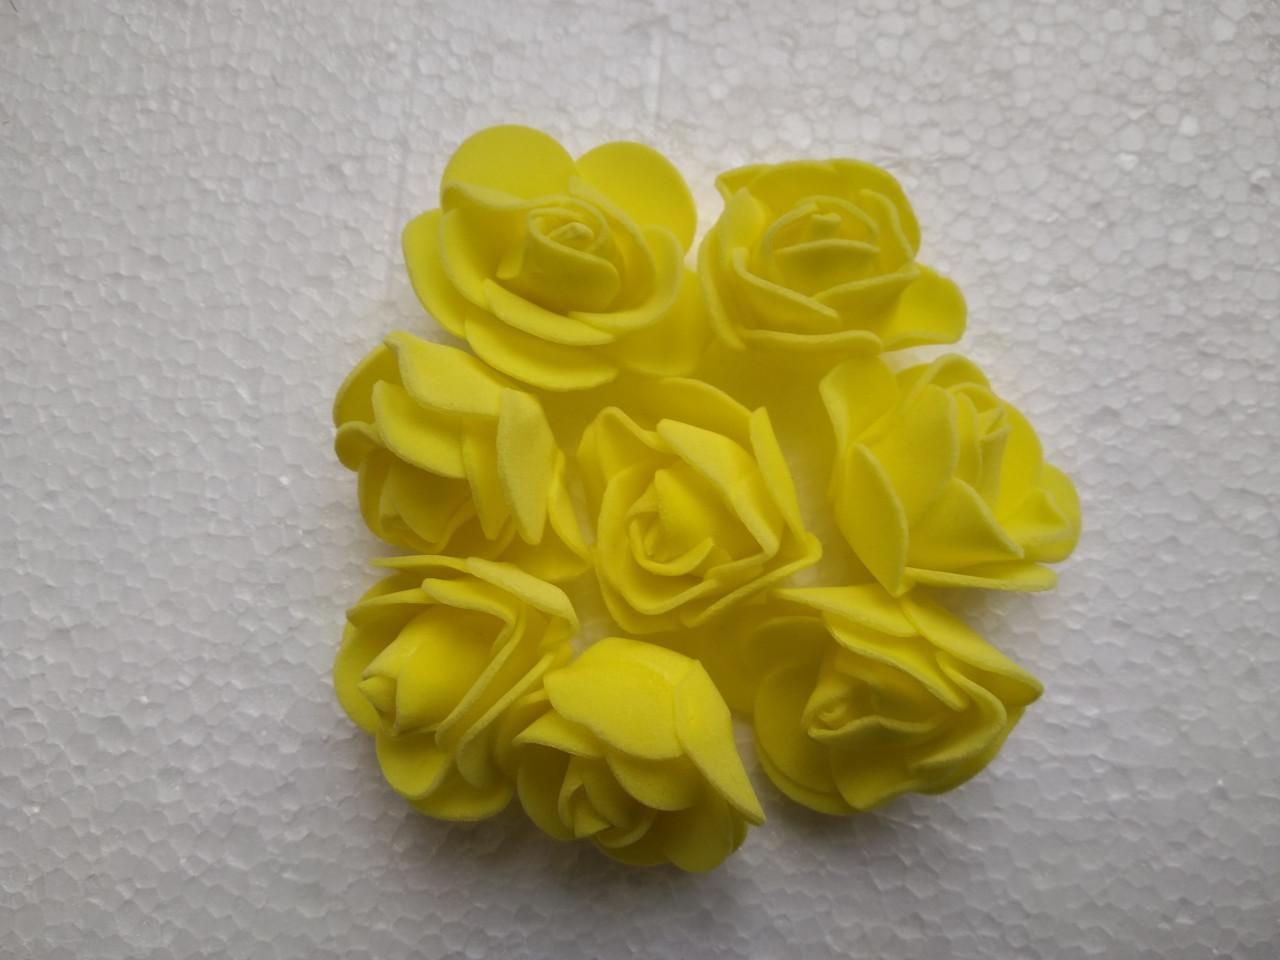 Головка розочки из фоамирана 3,5 см желтая